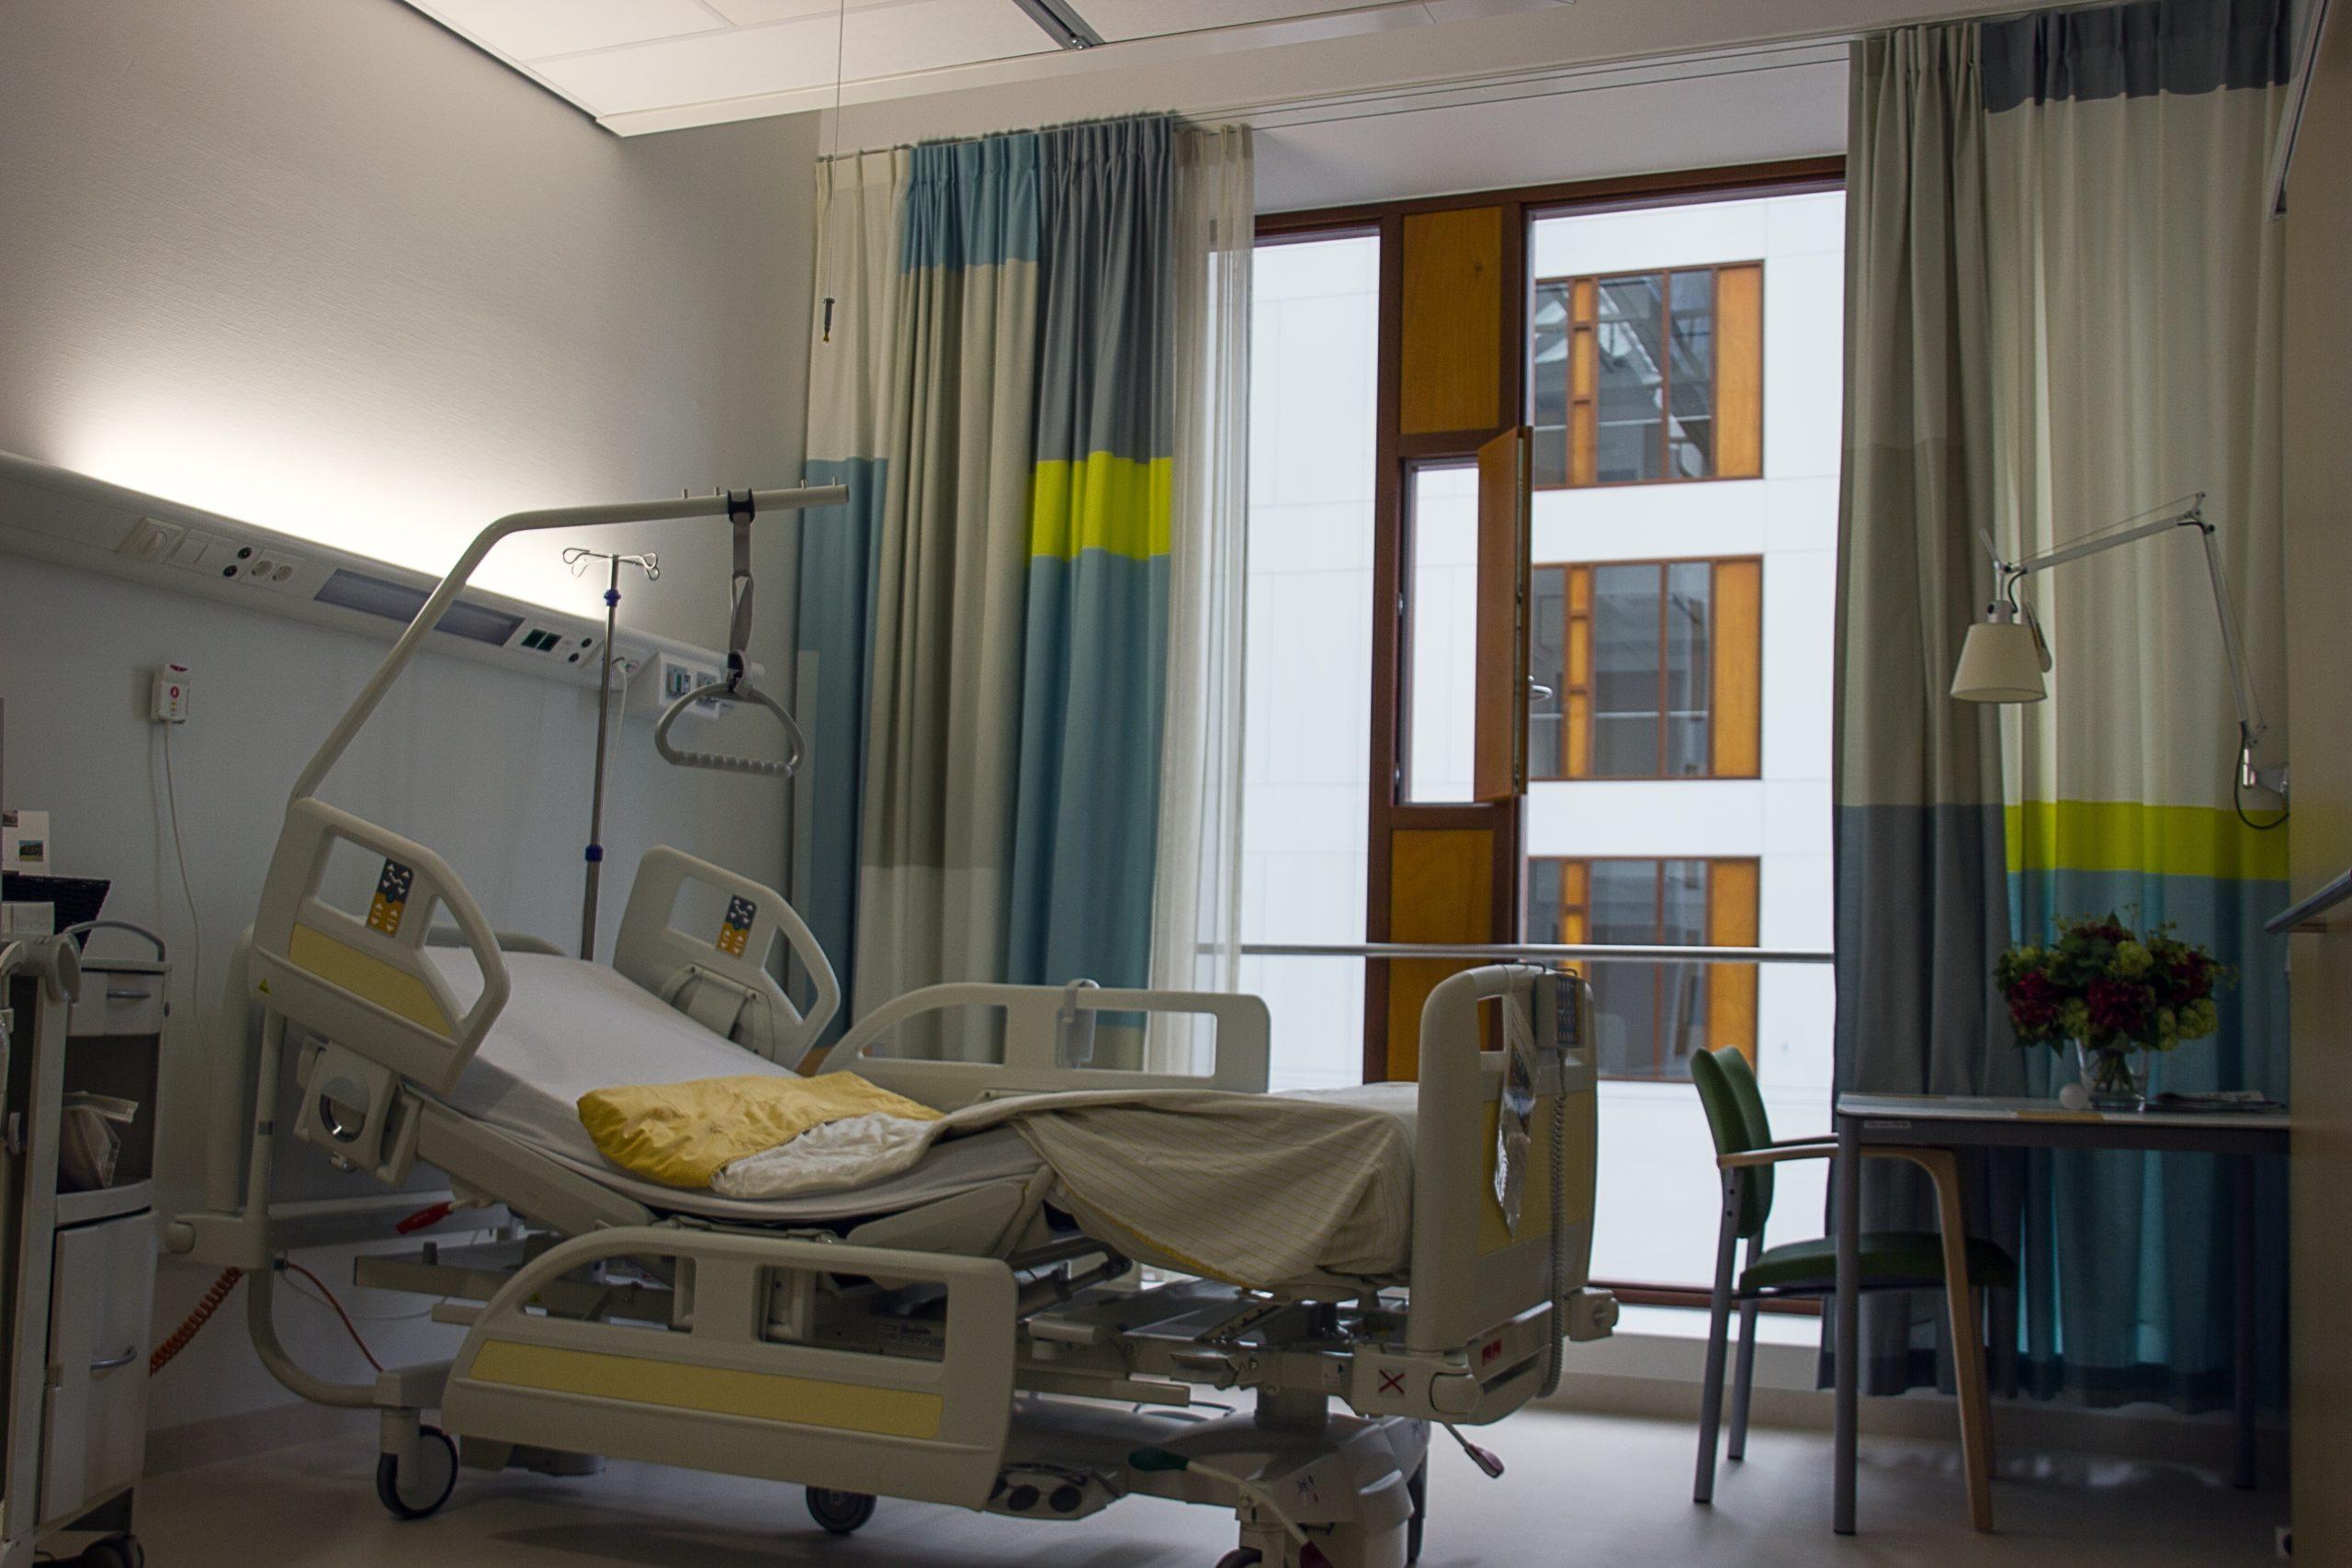 Состоятельные россияне скупают аппараты ИВЛ на случай заражения коронавирусом.